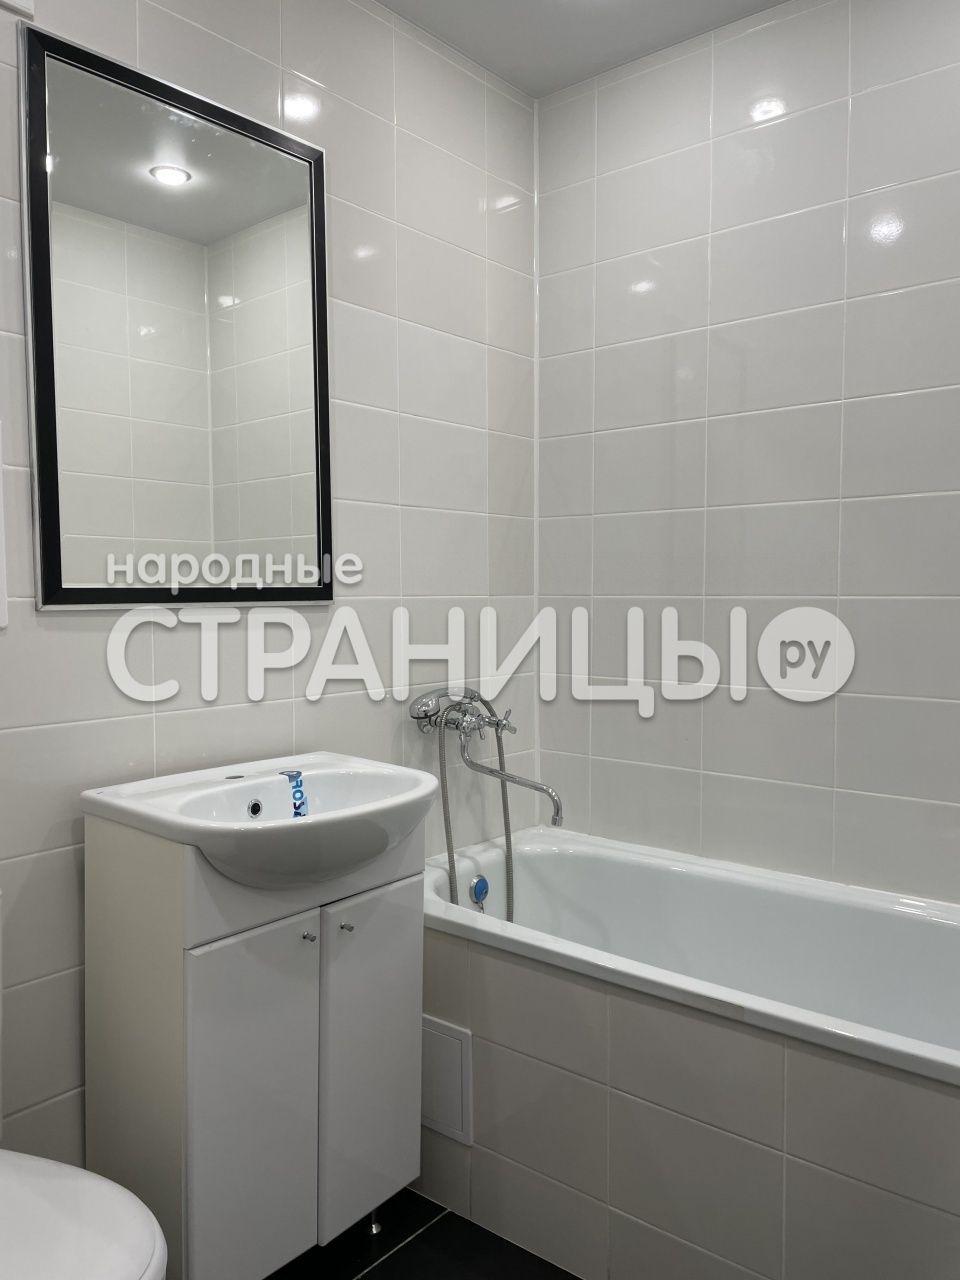 2-комнатная квартира, 44.0 м²,  5/5 эт. Кирпичный дом, Вторичное жилье